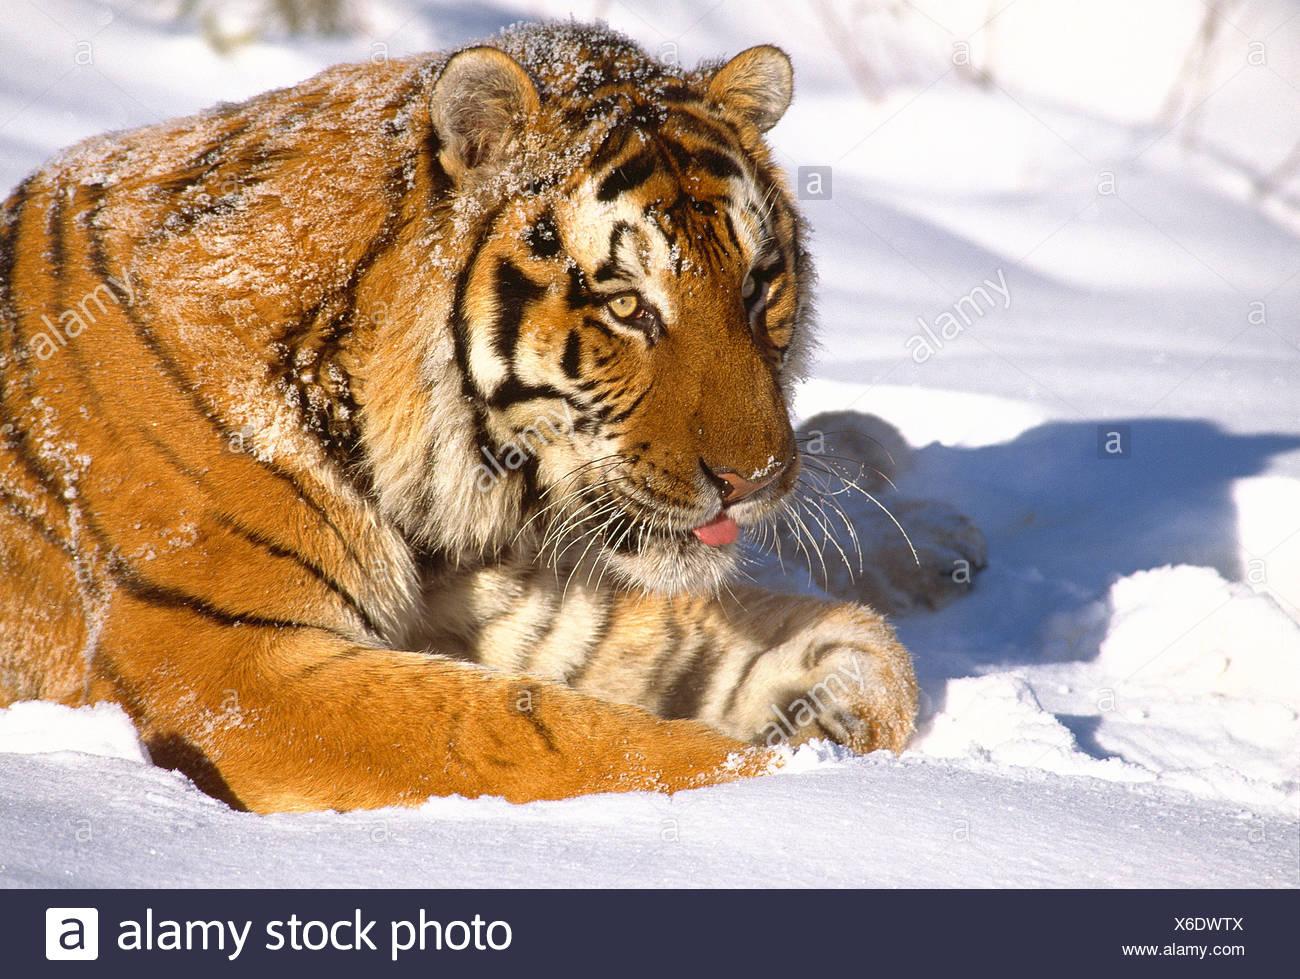 La Russie. la faune. tigre de Sibérie dans la neige. Photo Stock